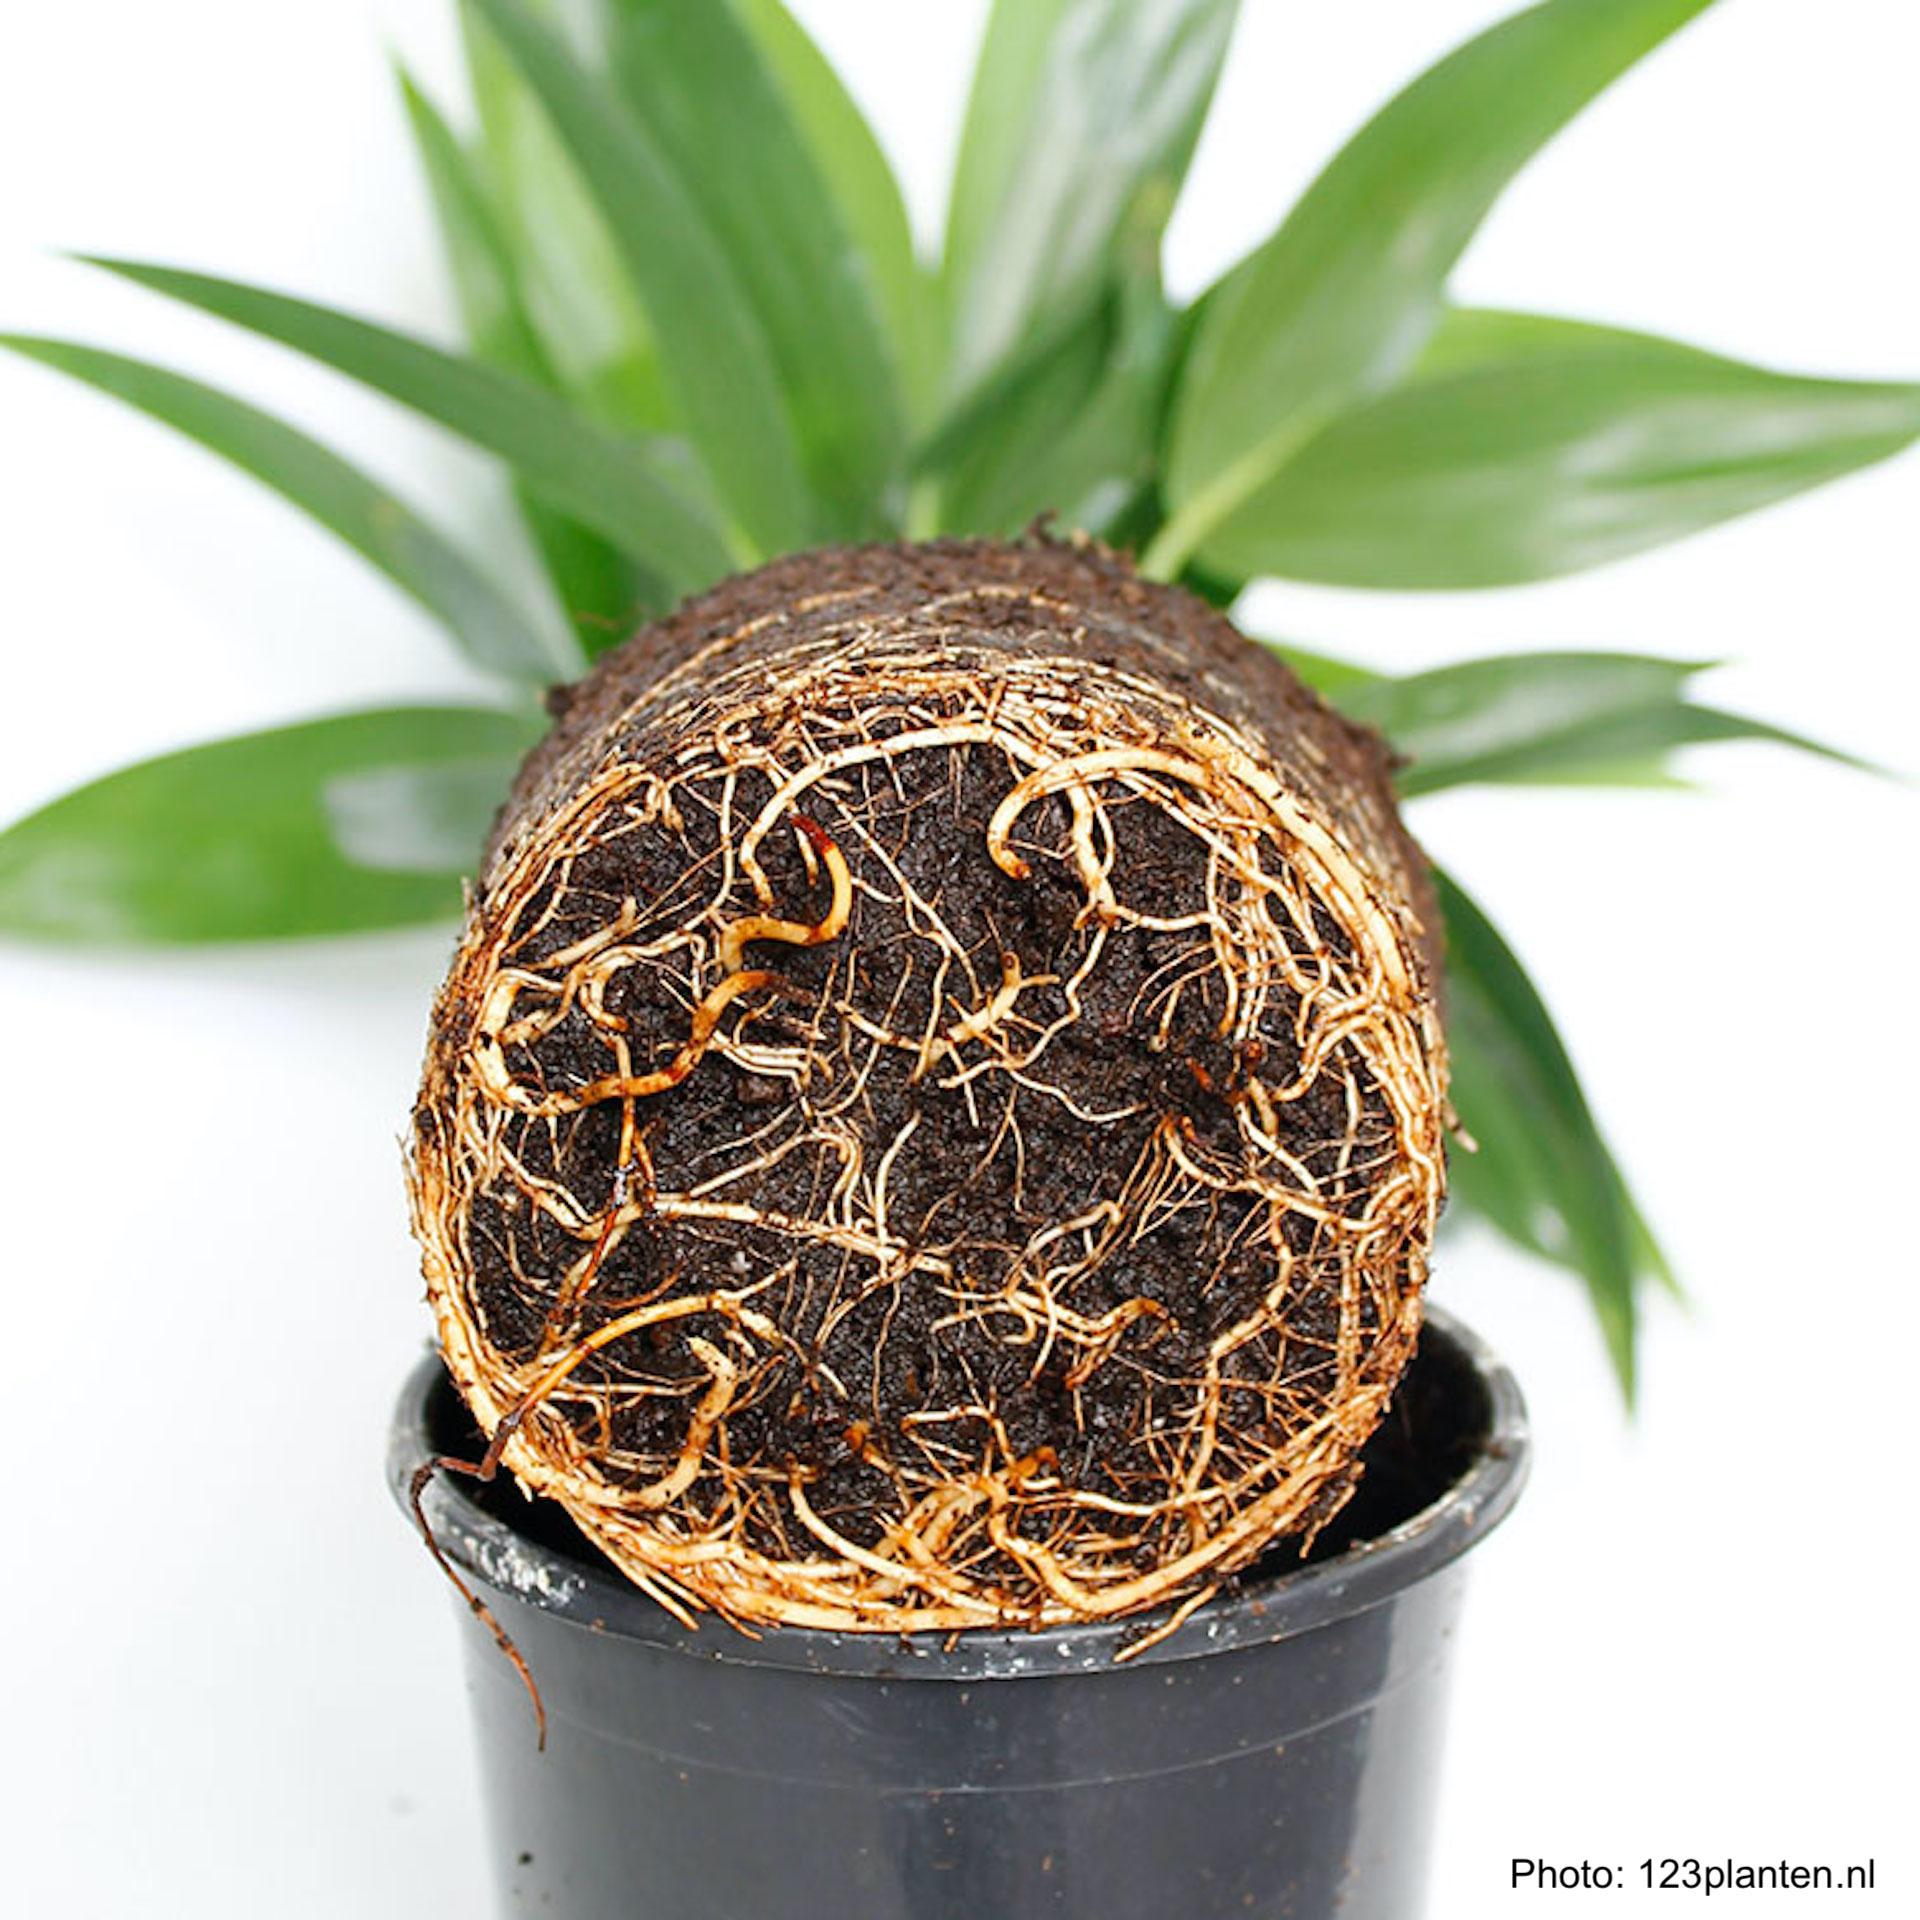 Plante d'intérieur dépotée, montrant ses racines.